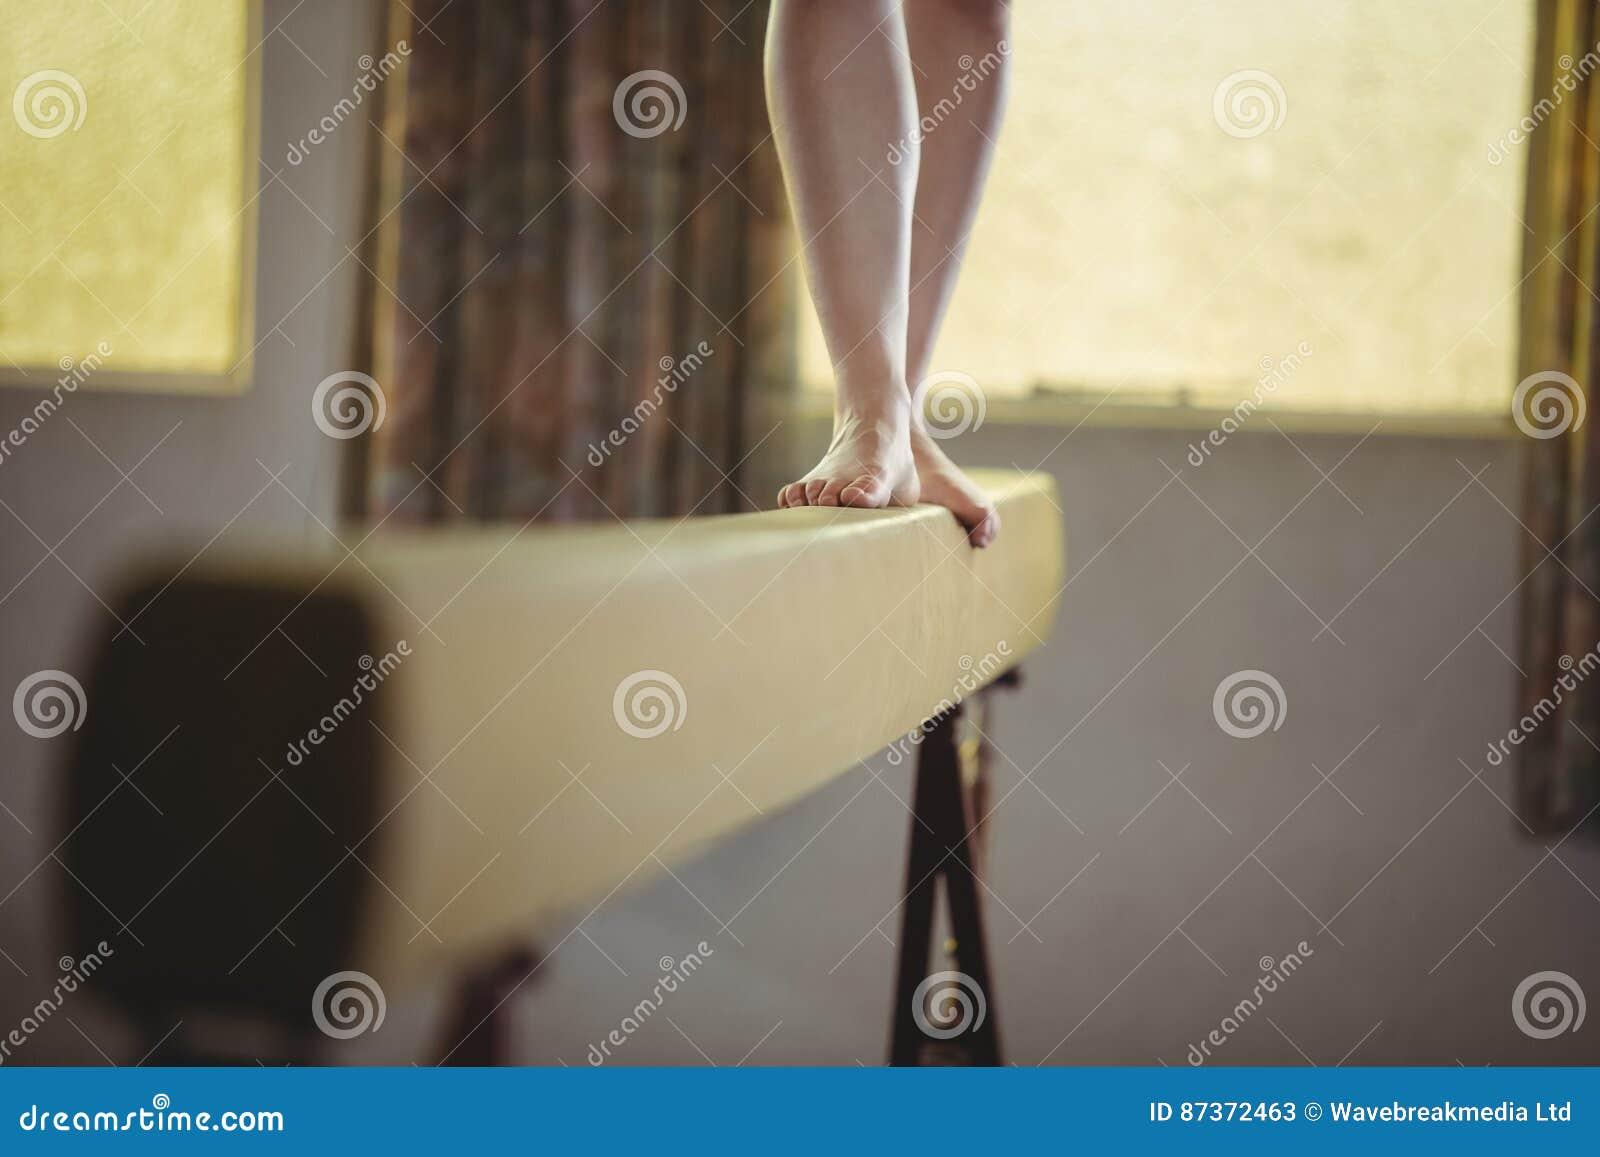 Gymnastique de pratique de gymnaste féminin sur le faisceau d équilibre